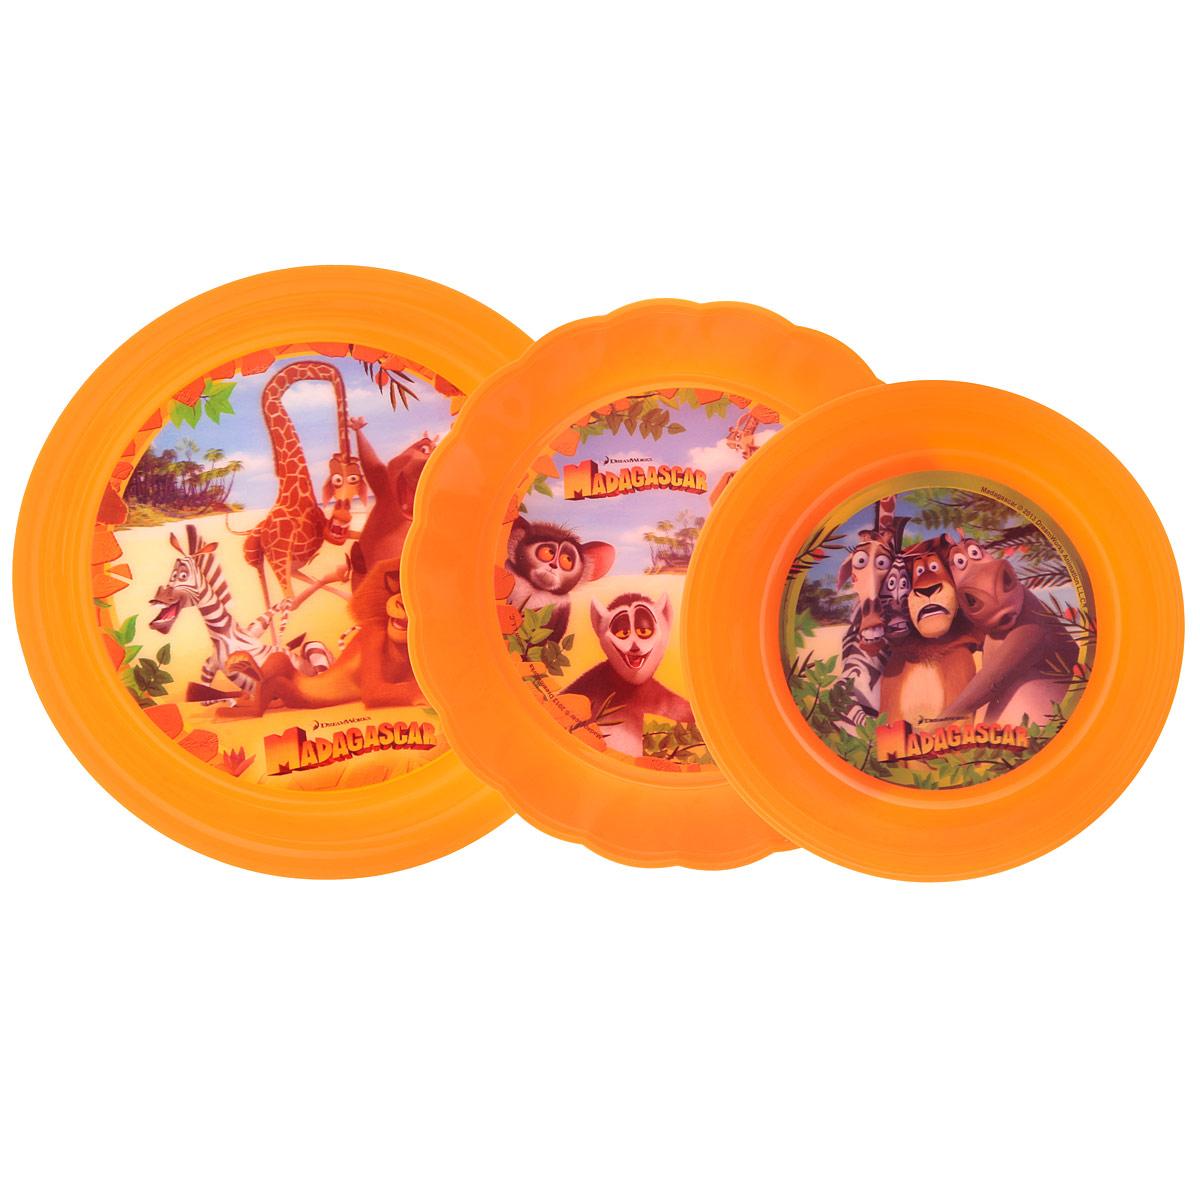 """Набор детской посуды """"Мадагаскар"""" состоит из 2 тарелок и миски. Изделия выполнены из прочного пищевого пластика и декорированы красочными 3D-изображениями персонажей из мультфильма """"Мадагаскар"""". Такой набор посуды прекрасно подойдет для самых маленьких. Посуда не разобьется, а веселые персонажи и объемные картинки вызовут интерес у ребенка. Не рекомендуется использовать в СВЧ и посудомоечной машине. Произведено по лицензии Dream Works. Диаметр тарелки: 19,5 см. Диаметр тарелки: 17,5 см. Высота стенки тарелки: 4 см. Диаметр миски: 14,5 см. Высота стенки миски: 5 см. Объем миски: 550 мл."""